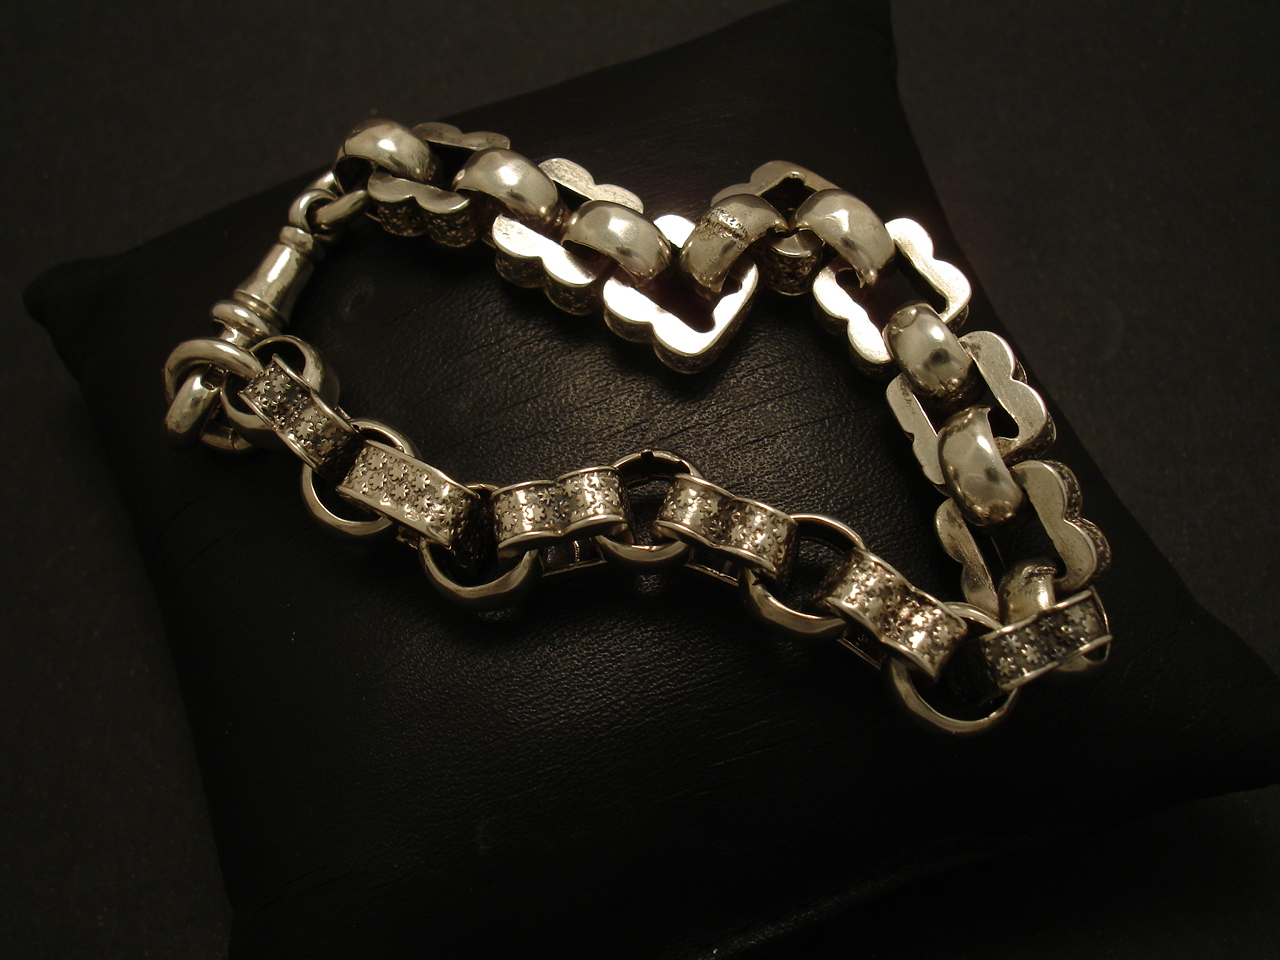 Fancy Antique English Silver Chain Bracelet Christopher